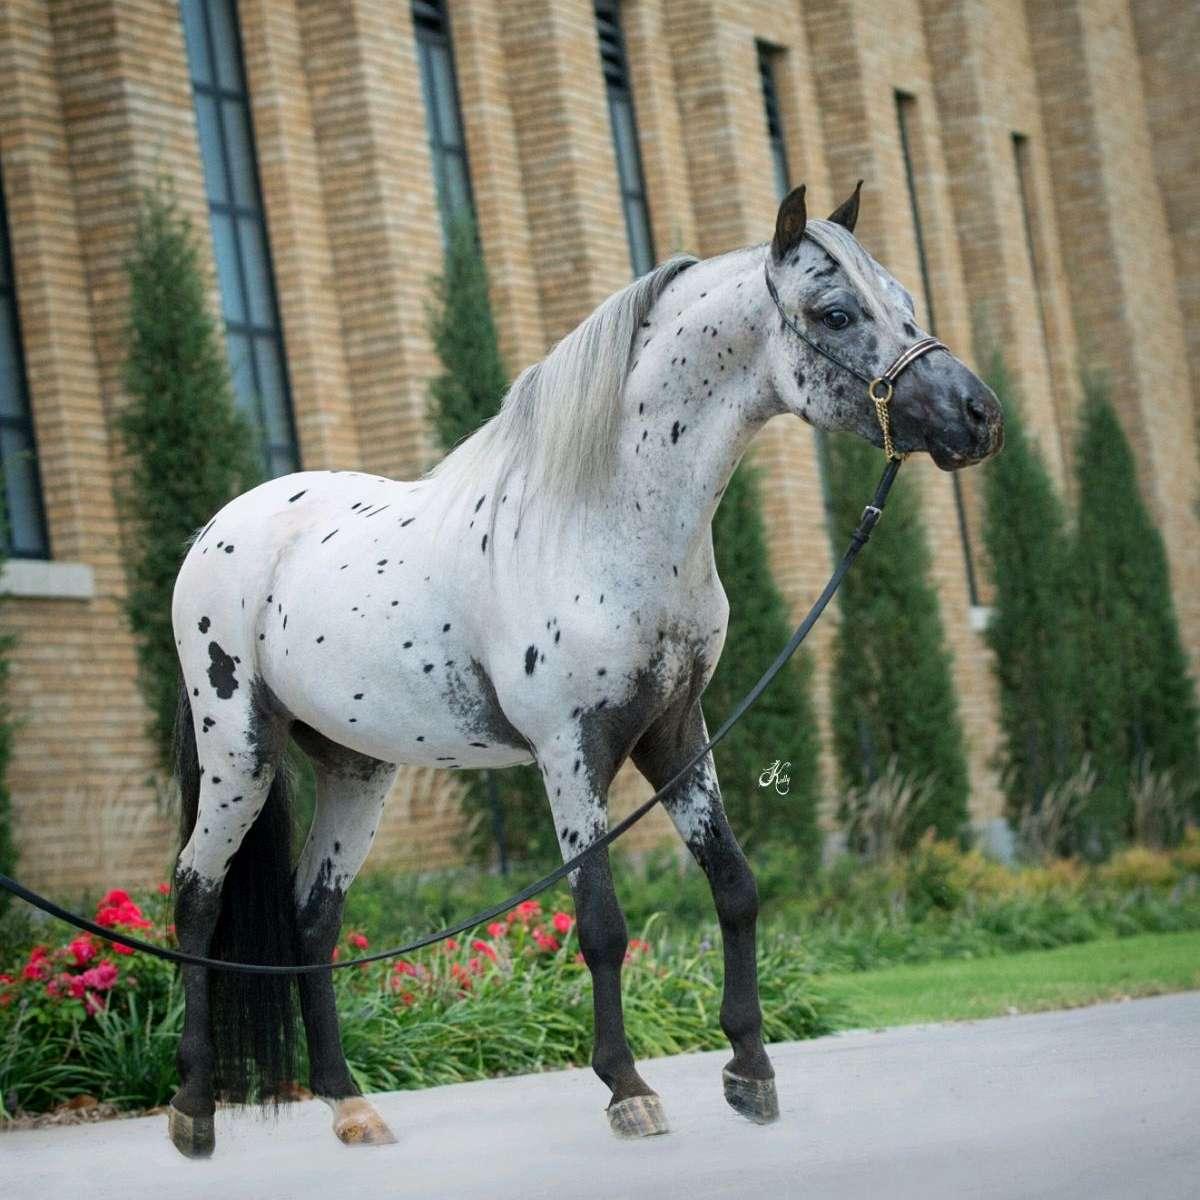 Elite Miniature horses